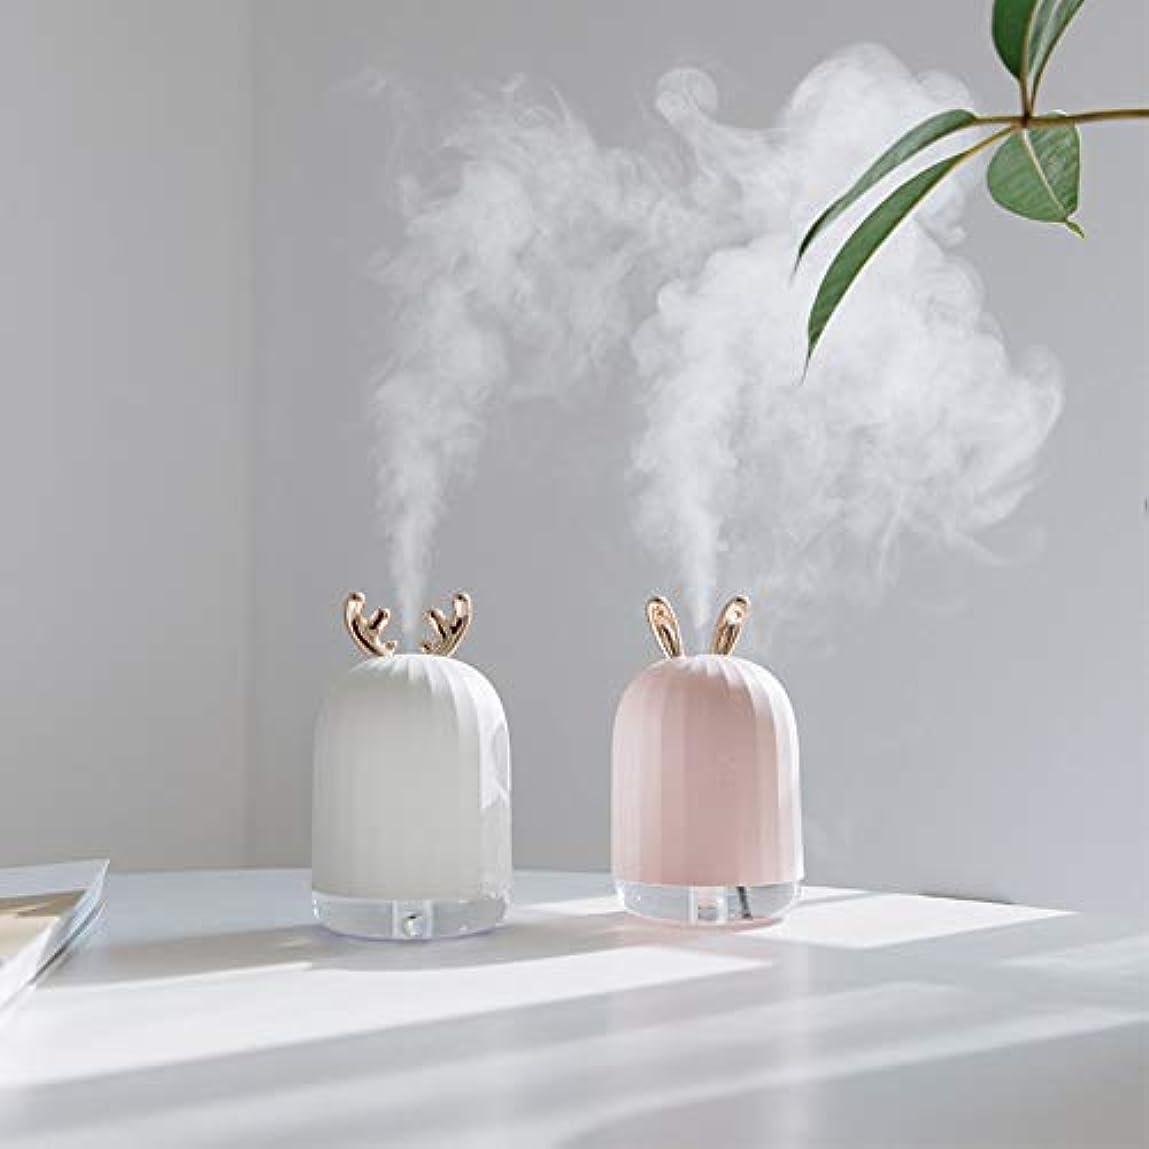 シーボード混合したきれいにZXF LED水蒸気顔加湿器usb充電ナノスプレーカラフルな雰囲気ライトホワイトアントラーズピンクうさぎモデルでクリエイティブ美容水和機器コールドスプレークリエイティブ 滑らかである (色 : White)